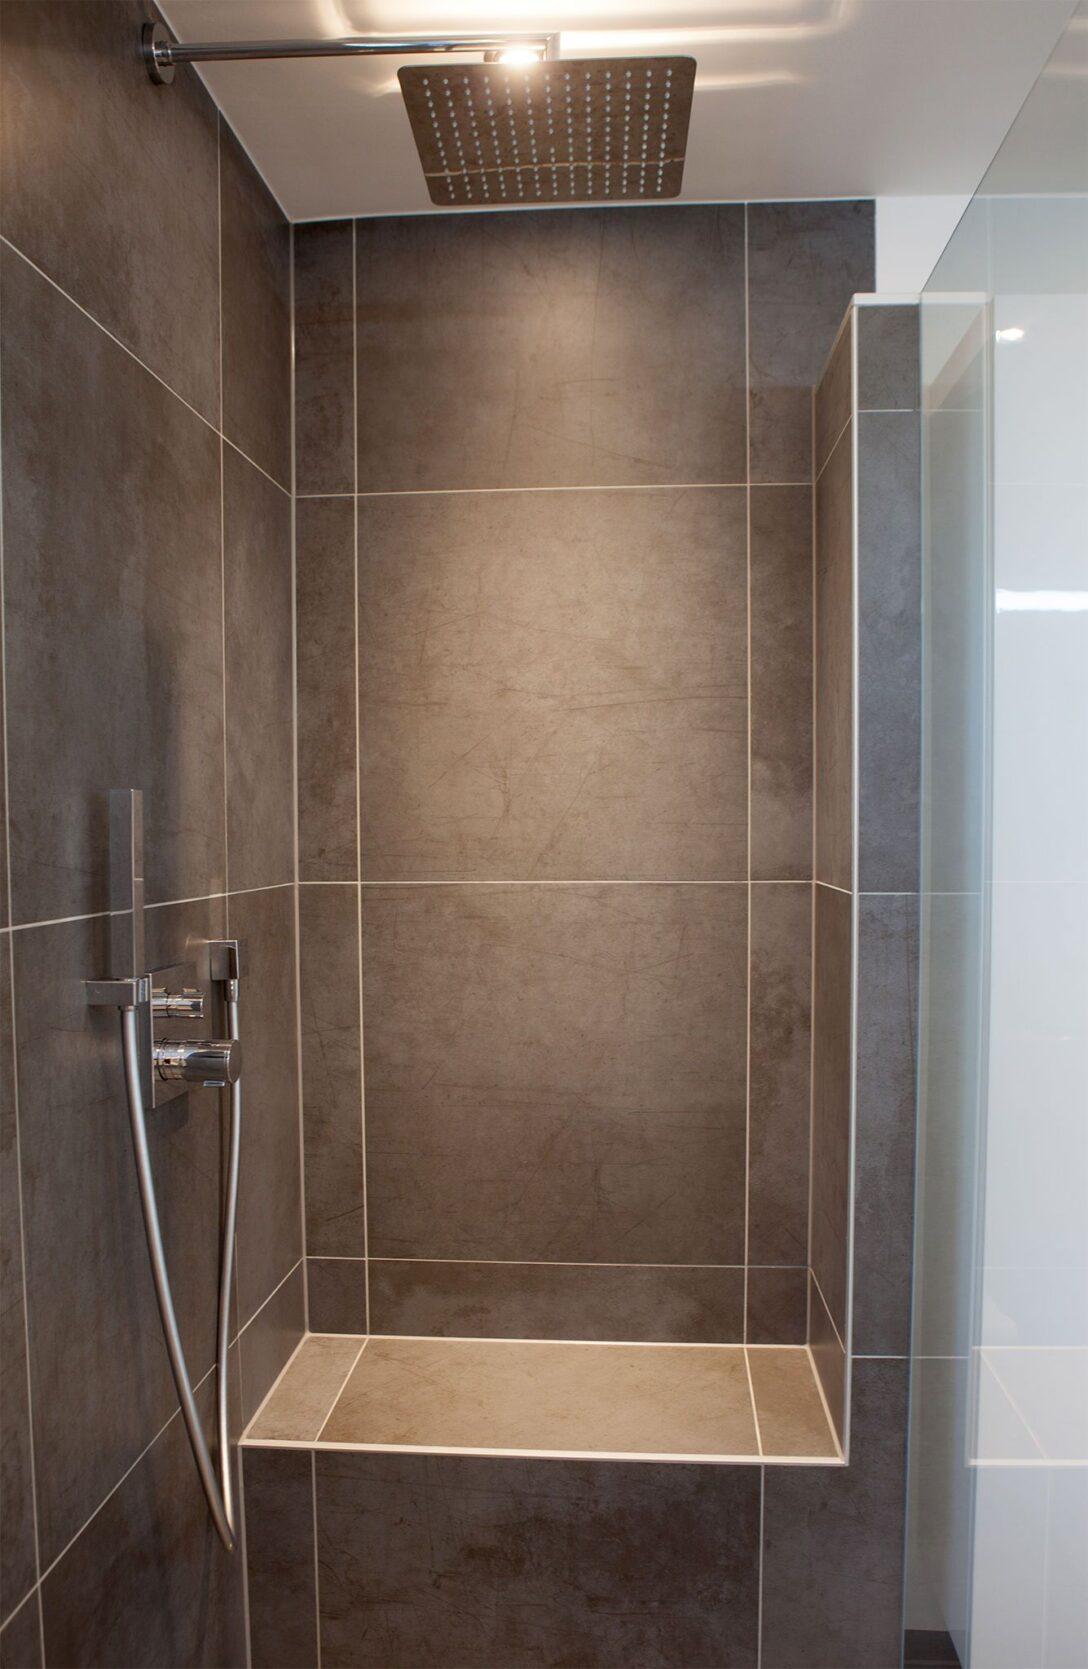 Large Size of Begehbare Duschen Badezimmer Dusche Sprinz Schulte Hsk Hüppe Fliesen Kaufen Breuer Bodengleiche Werksverkauf Ohne Tür Moderne Dusche Begehbare Duschen